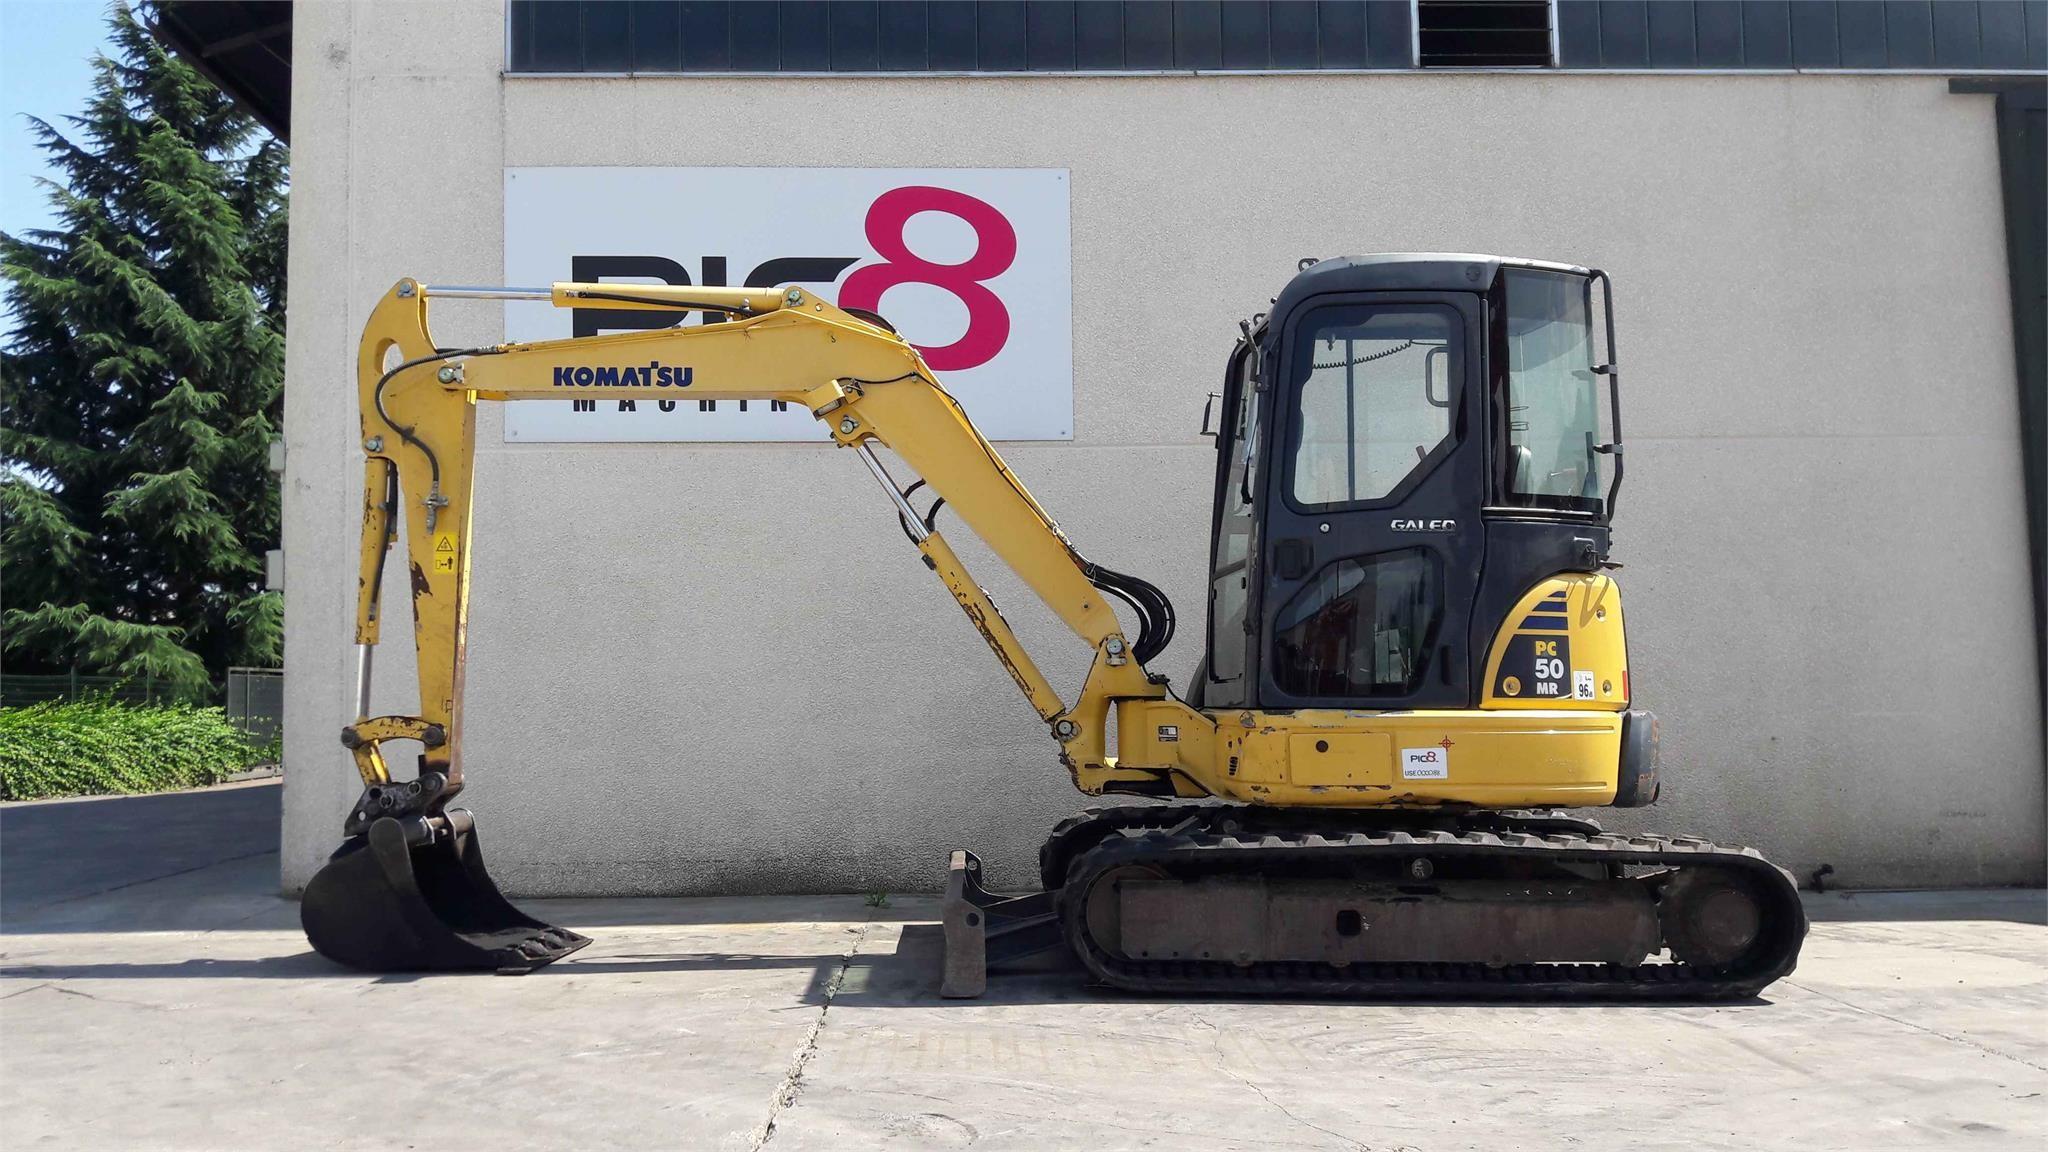 Komatsu PC50MR-2